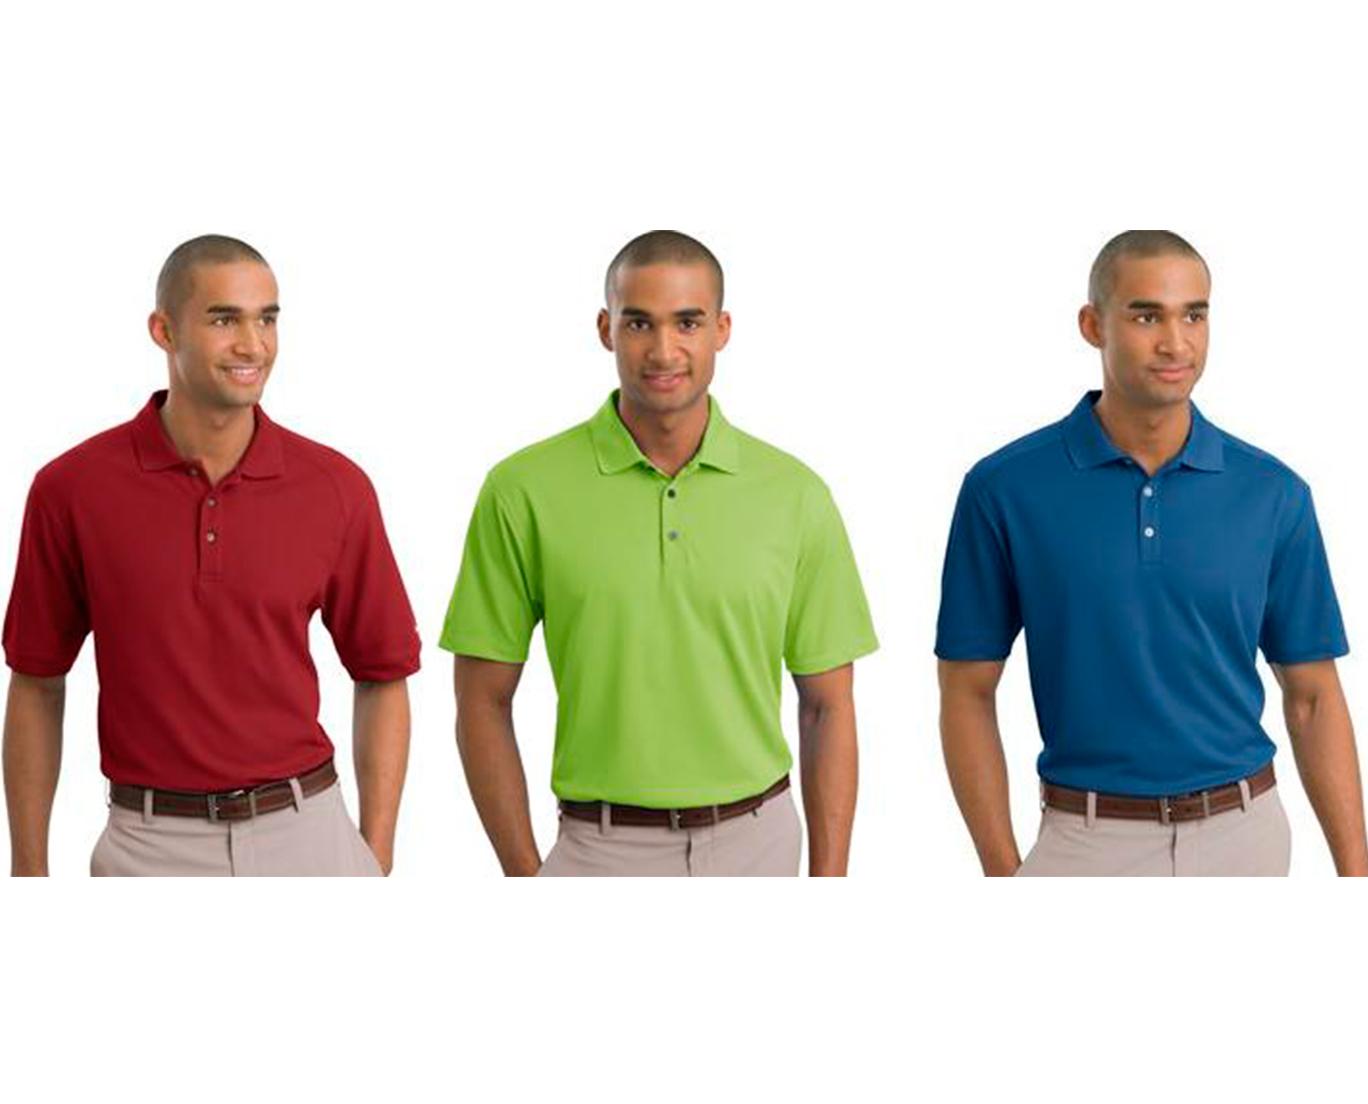 Falis Playeras polo en distintos colores para caballero lisas 5b1db0d70551d